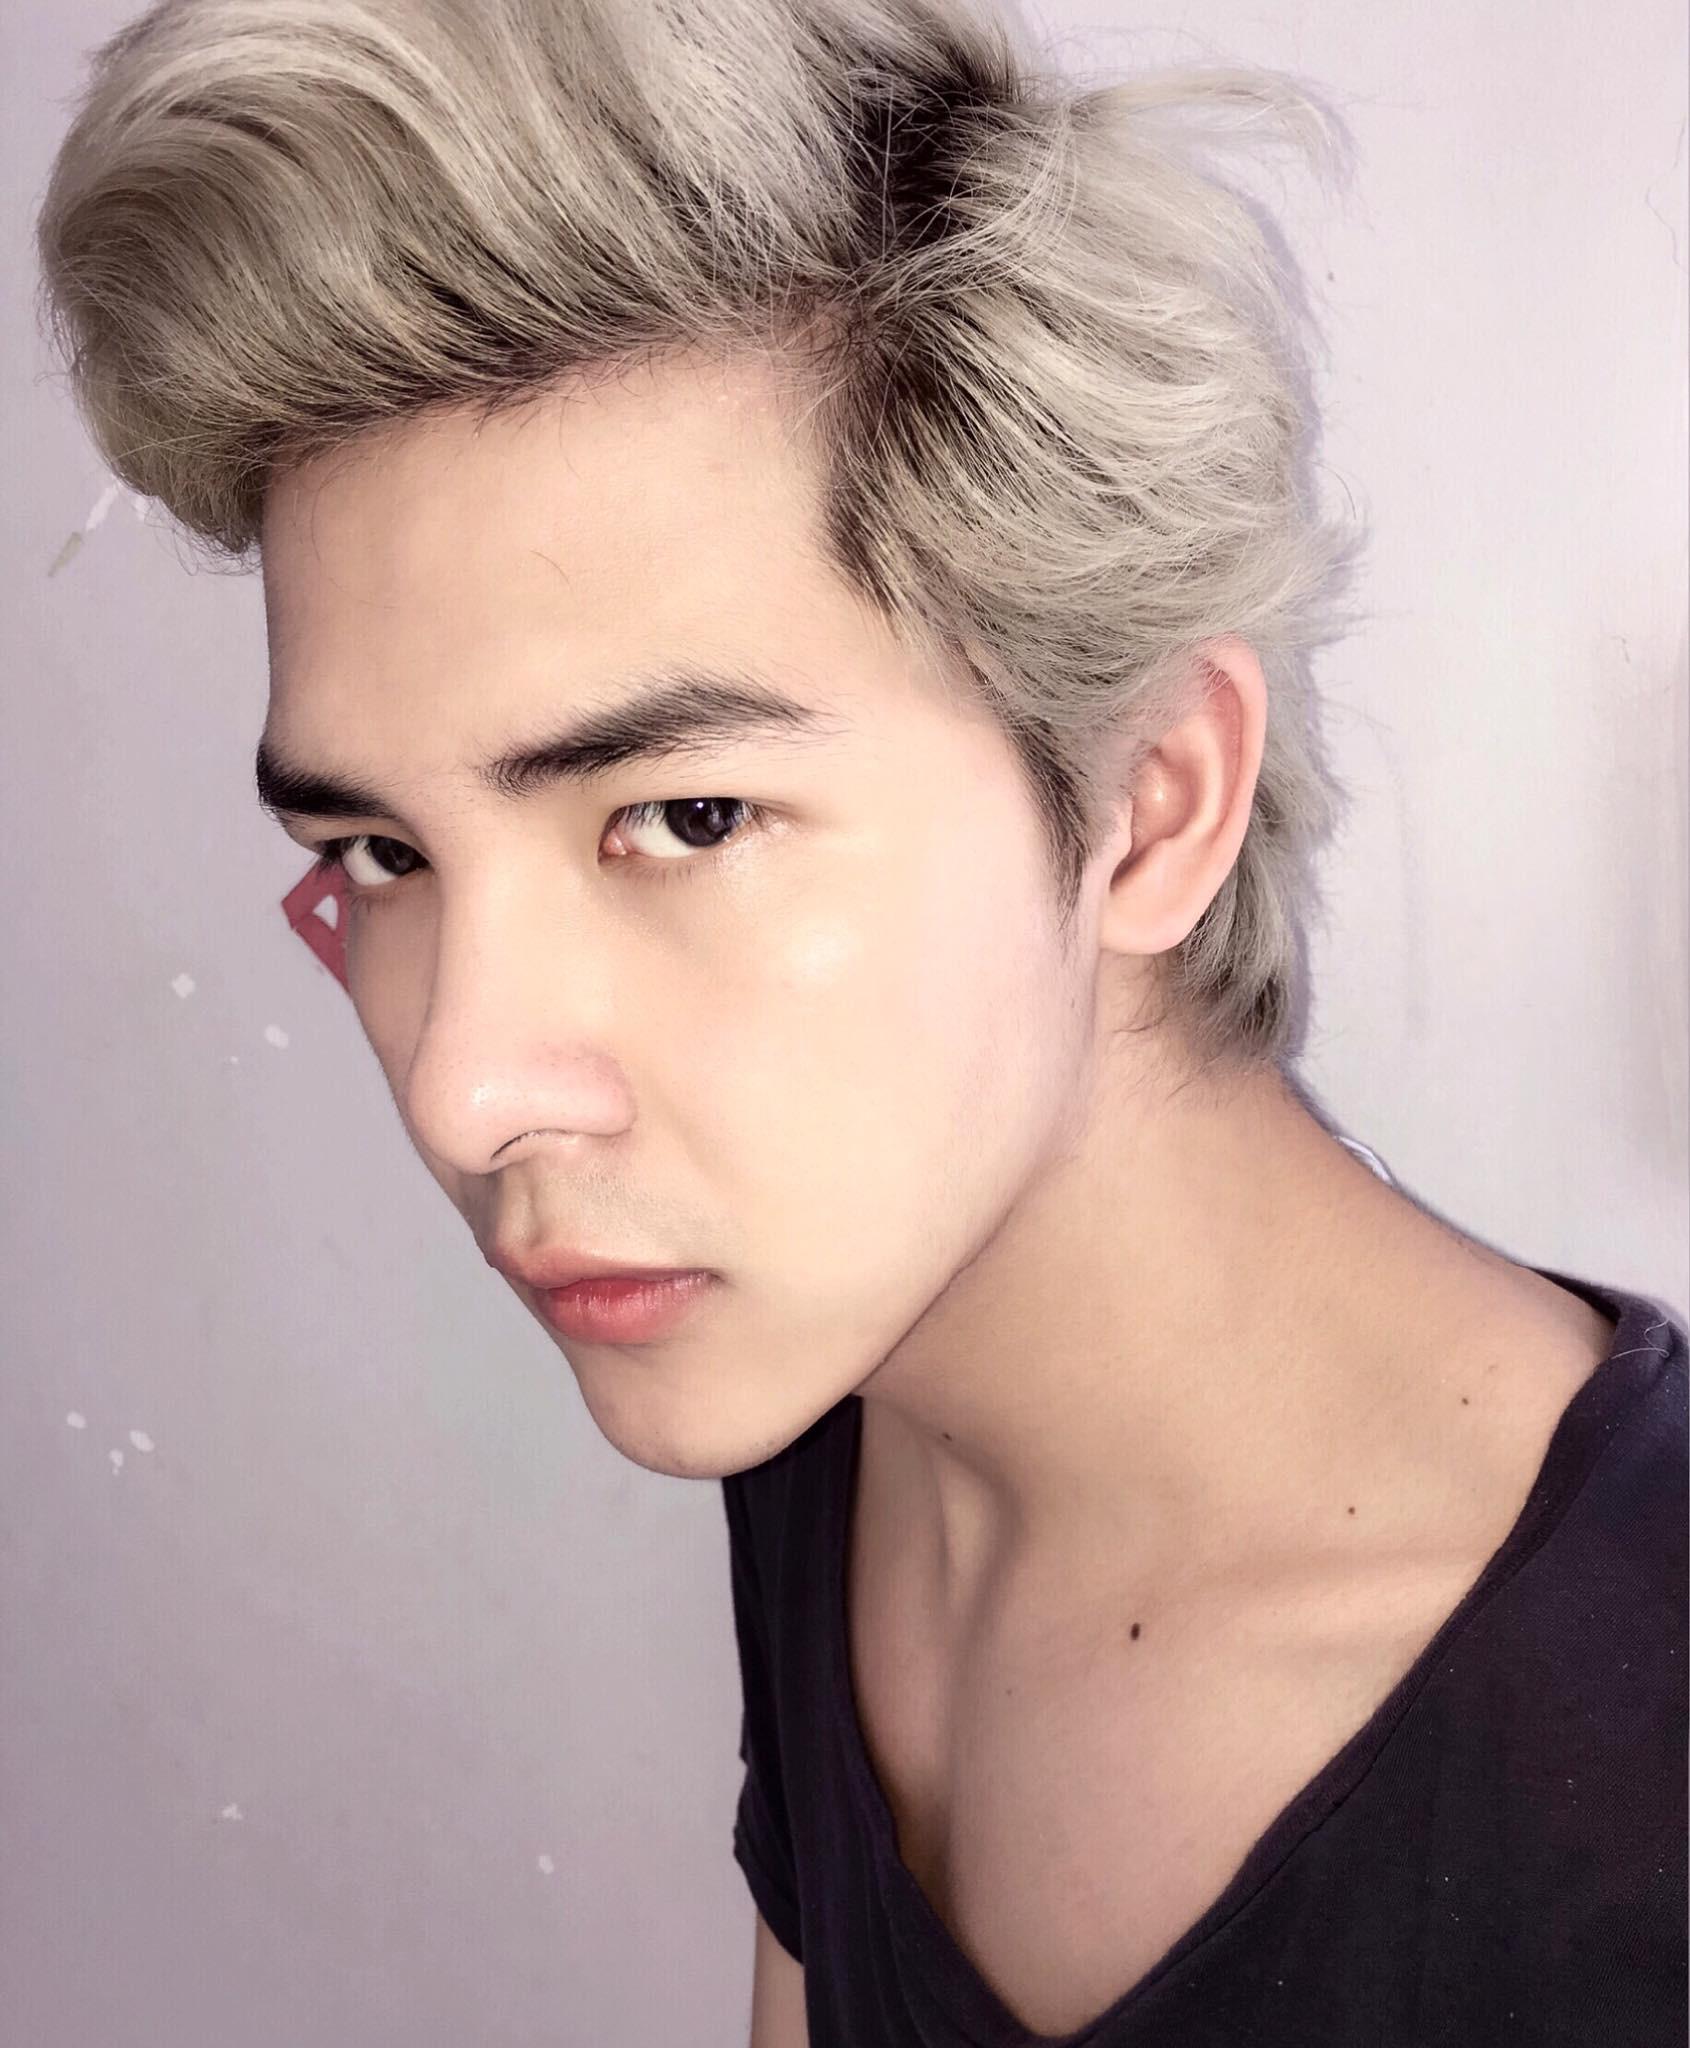 Nam chính trong MV mới của Hoàng Yến Chibi: Vừa đẹp trai, cao ráo như người mẫu lại còn ôm luôn cả vị trí giám đốc sáng tạo - Ảnh 19.